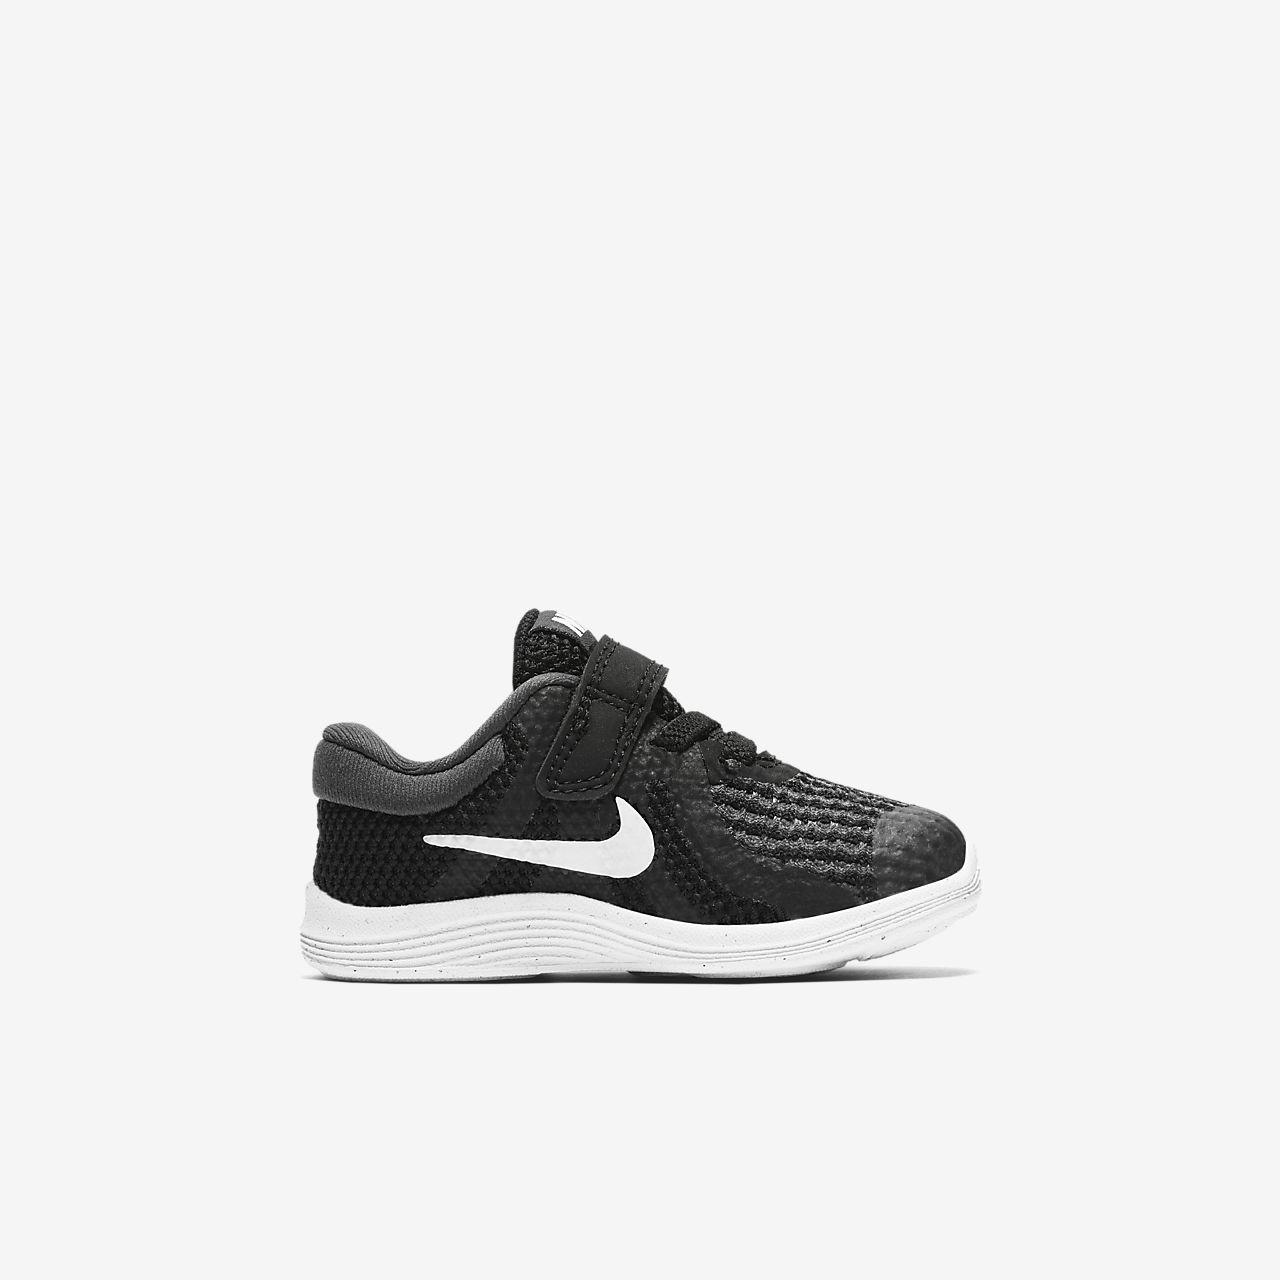 Chaussures Noires De Révolution De Nike Avec Velcro Pour Les Hommes ur14gl